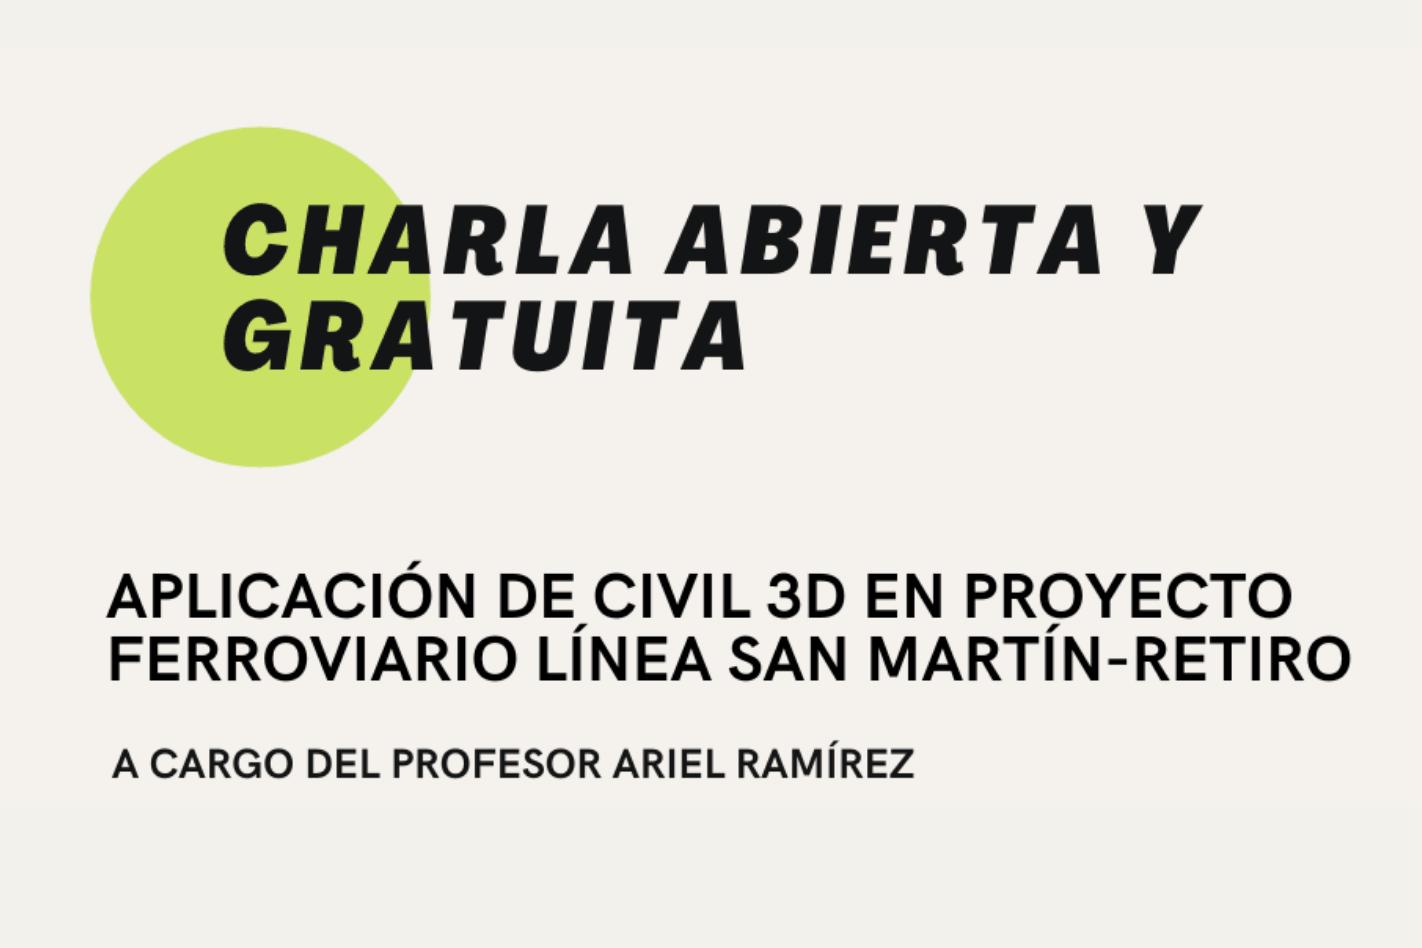 Charla: Aplicación de Civil 3D en Proyecto ferroviario Línea San Martín-Retiro